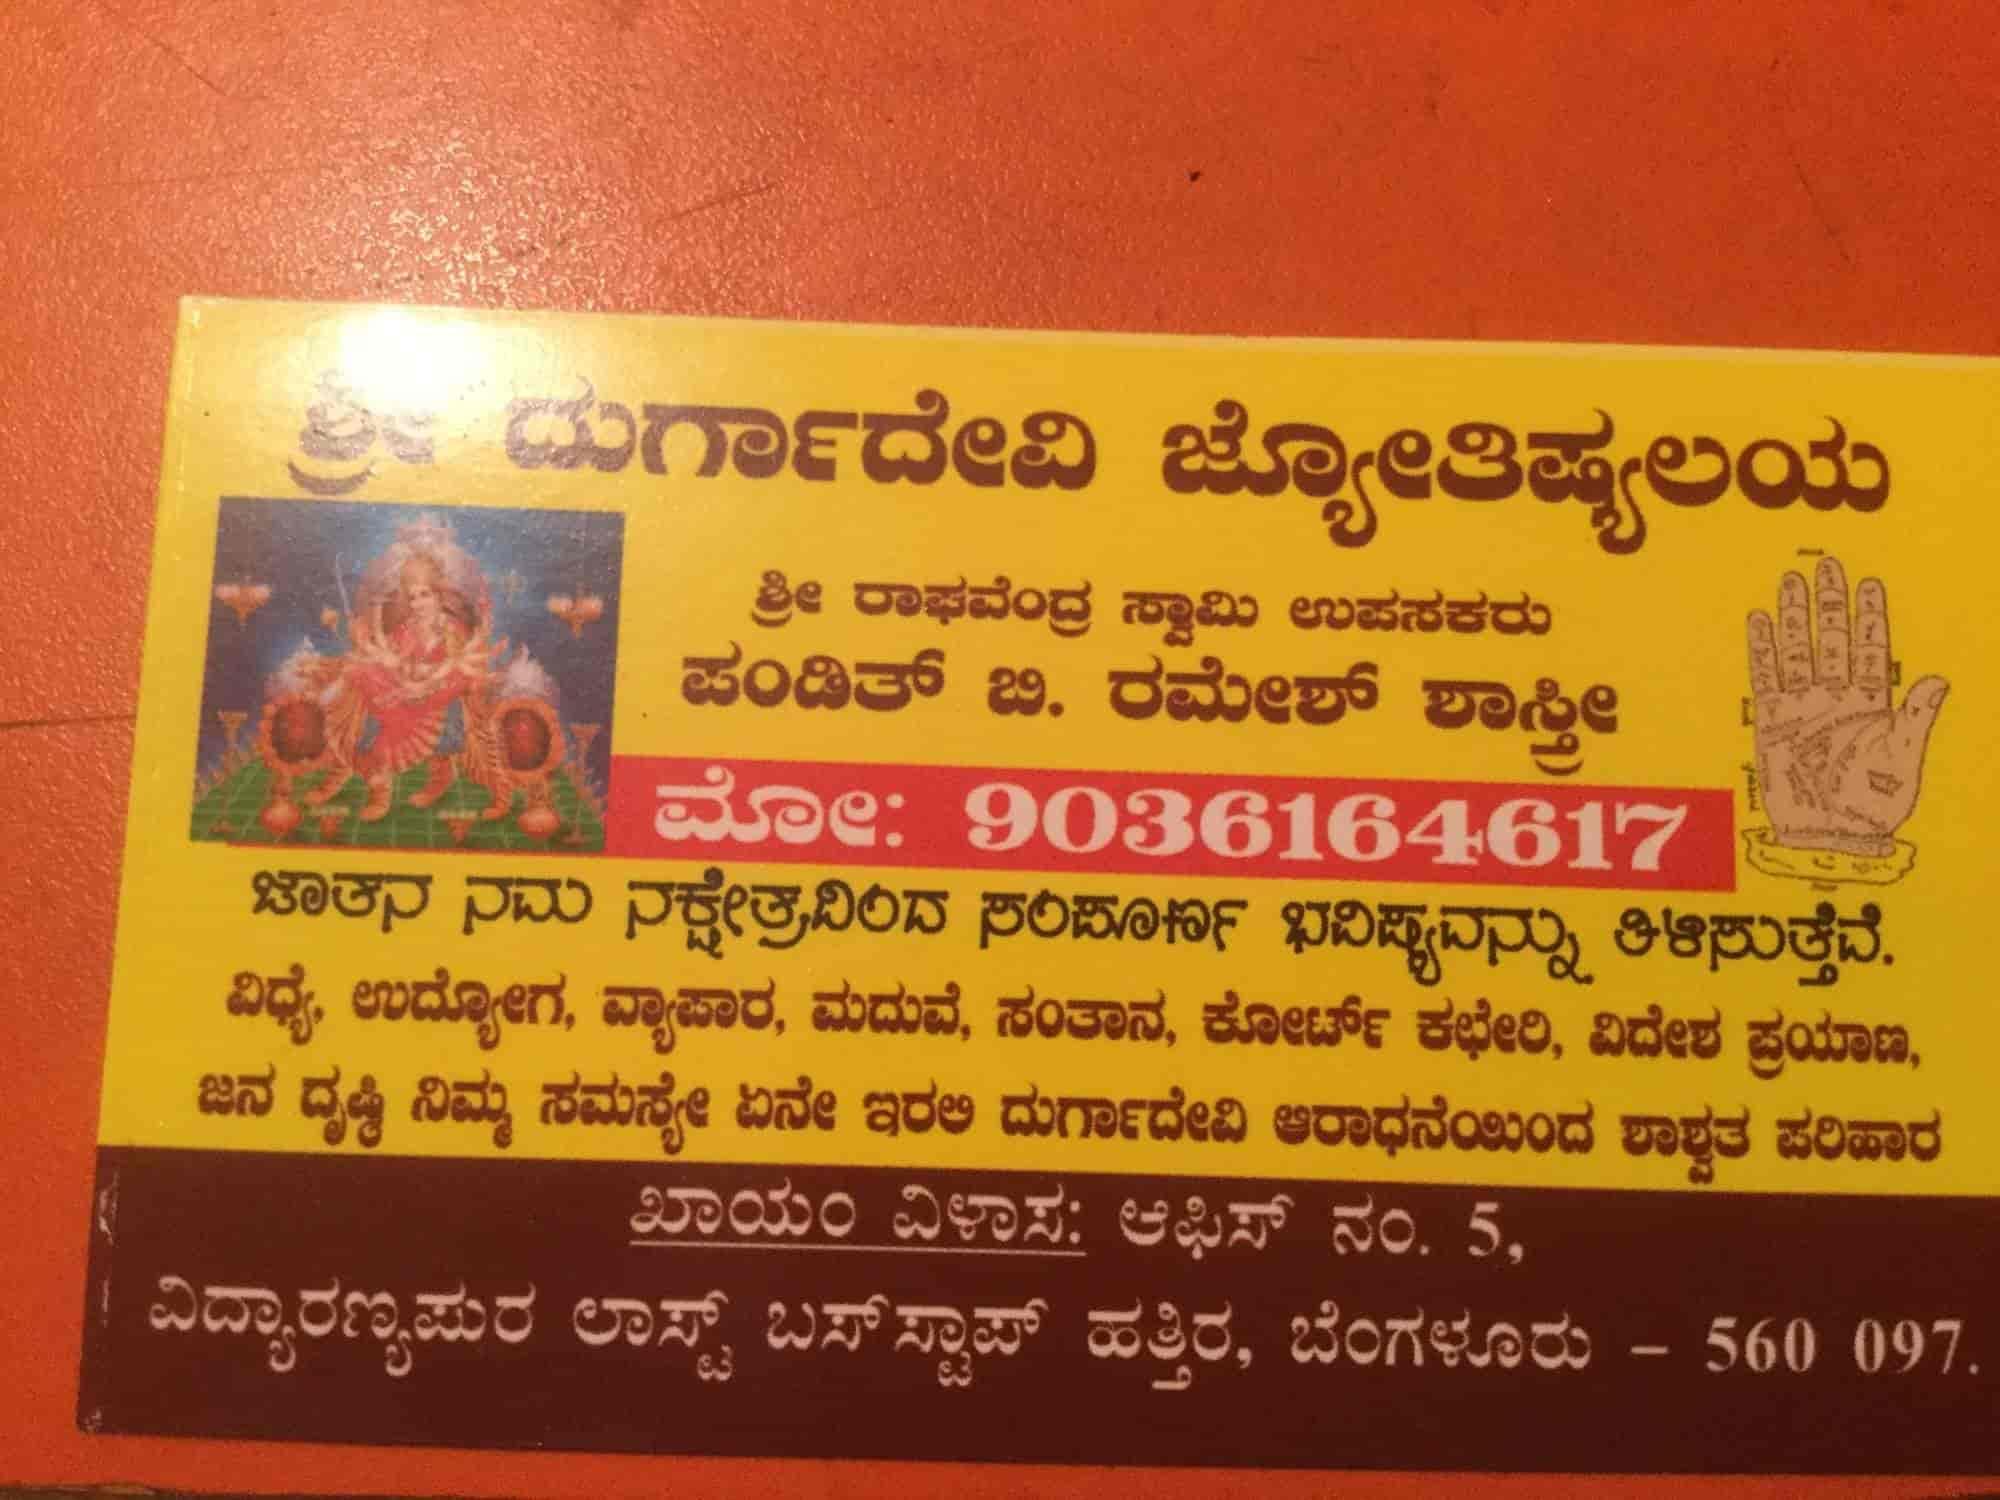 Sri Durgadevi Astrology Palmistry Photos, Vidyaranyapura, Bangalore ...